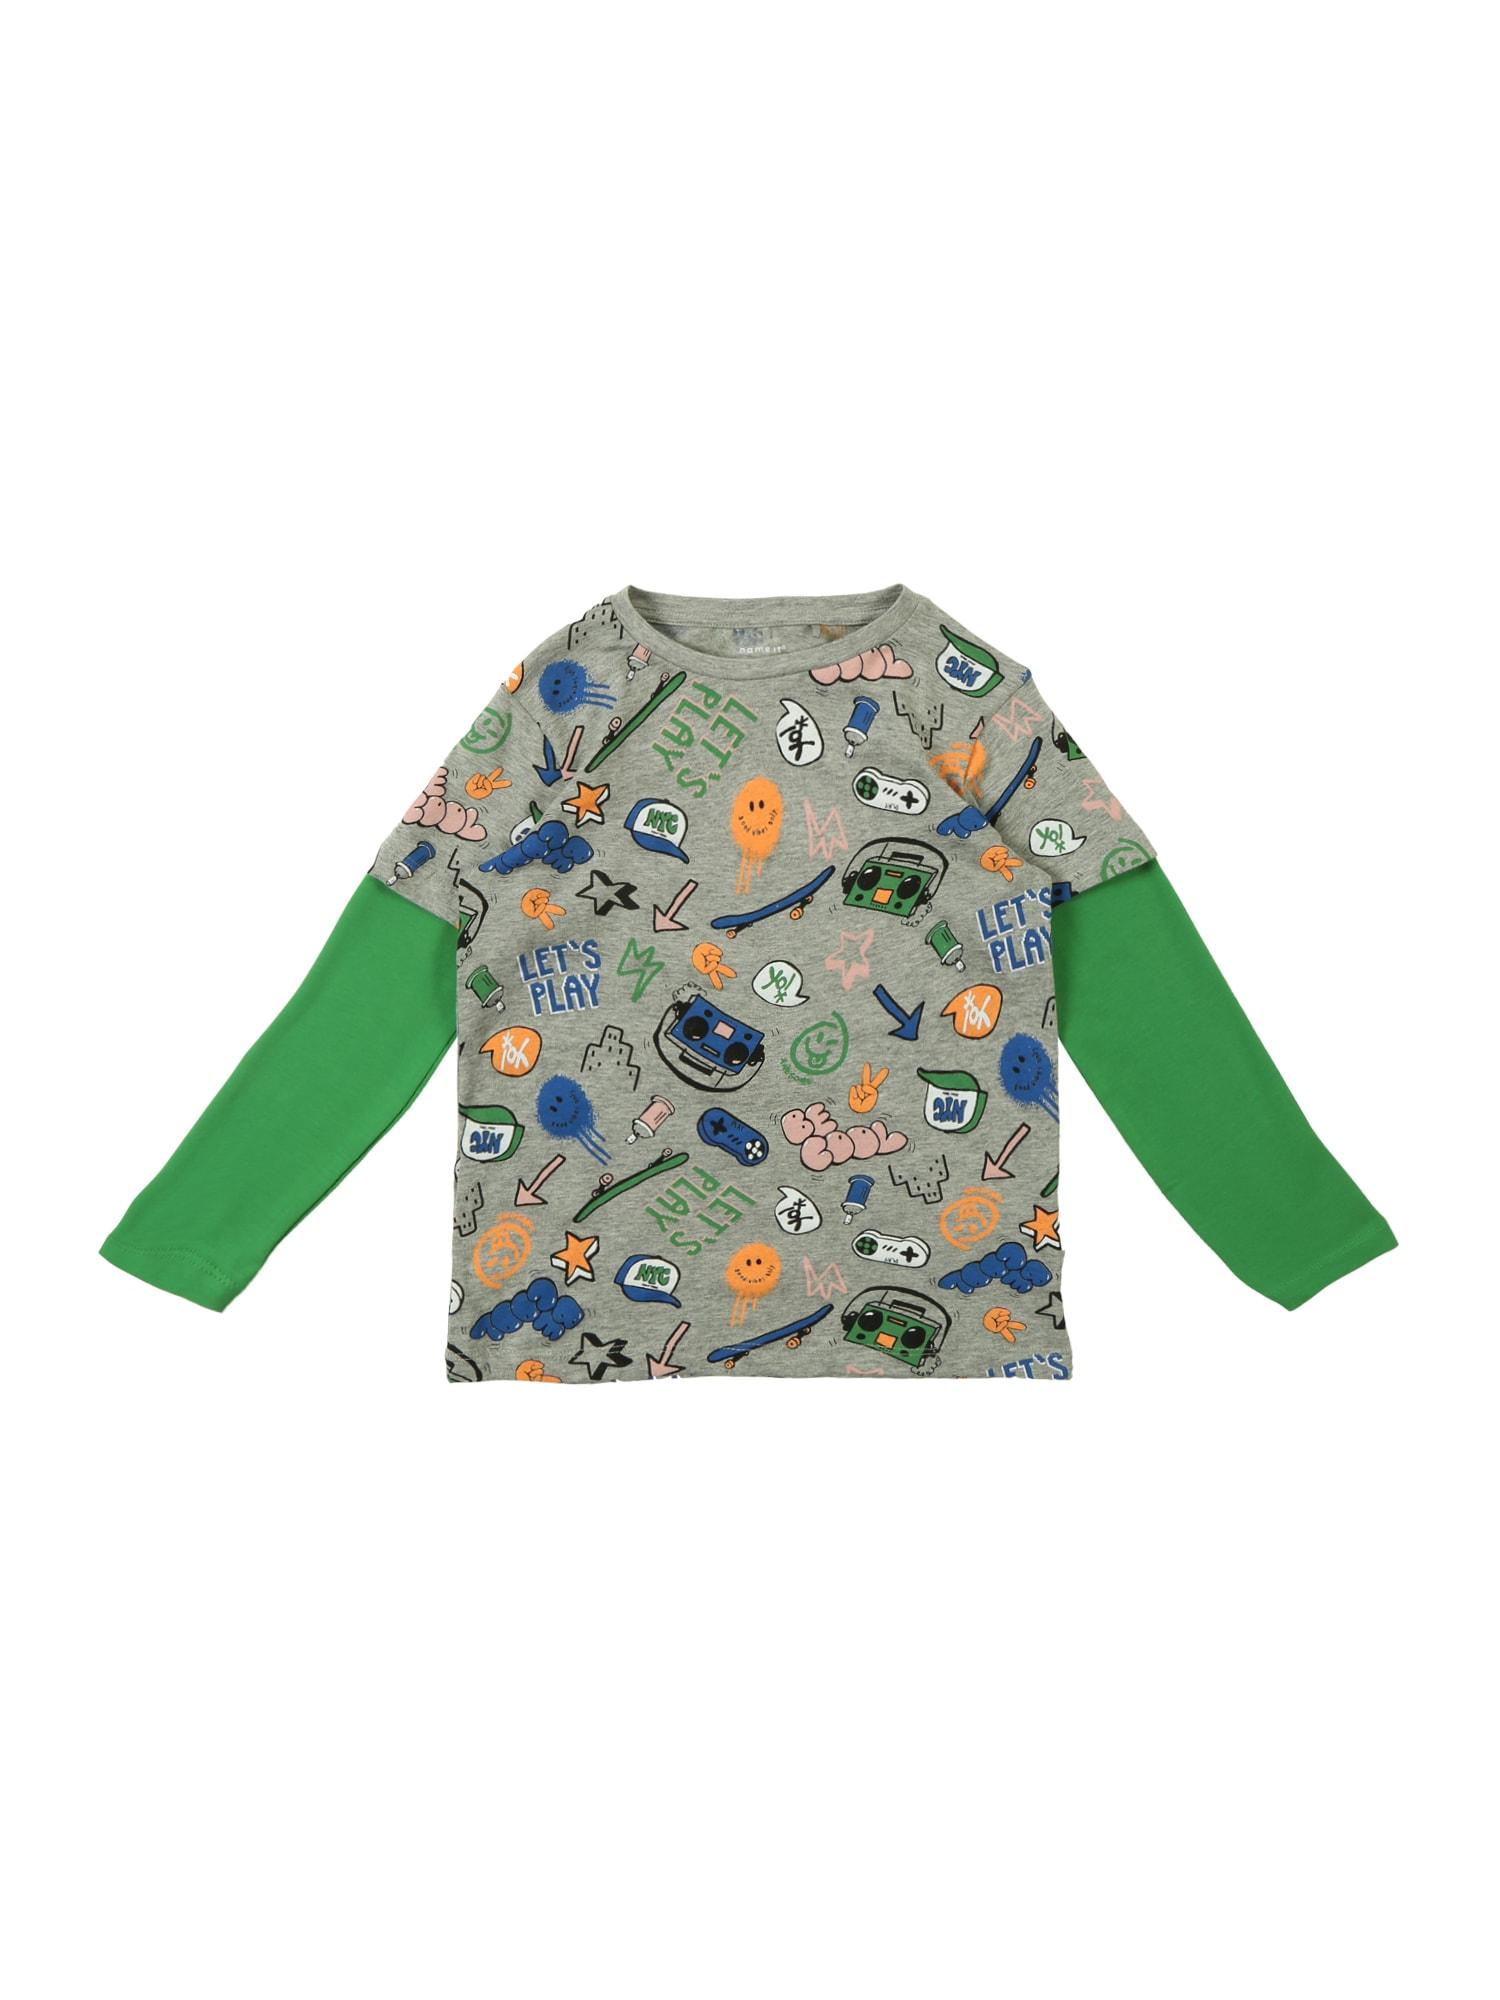 Tričko BASSEN šedý melír zelená mix barev NAME IT